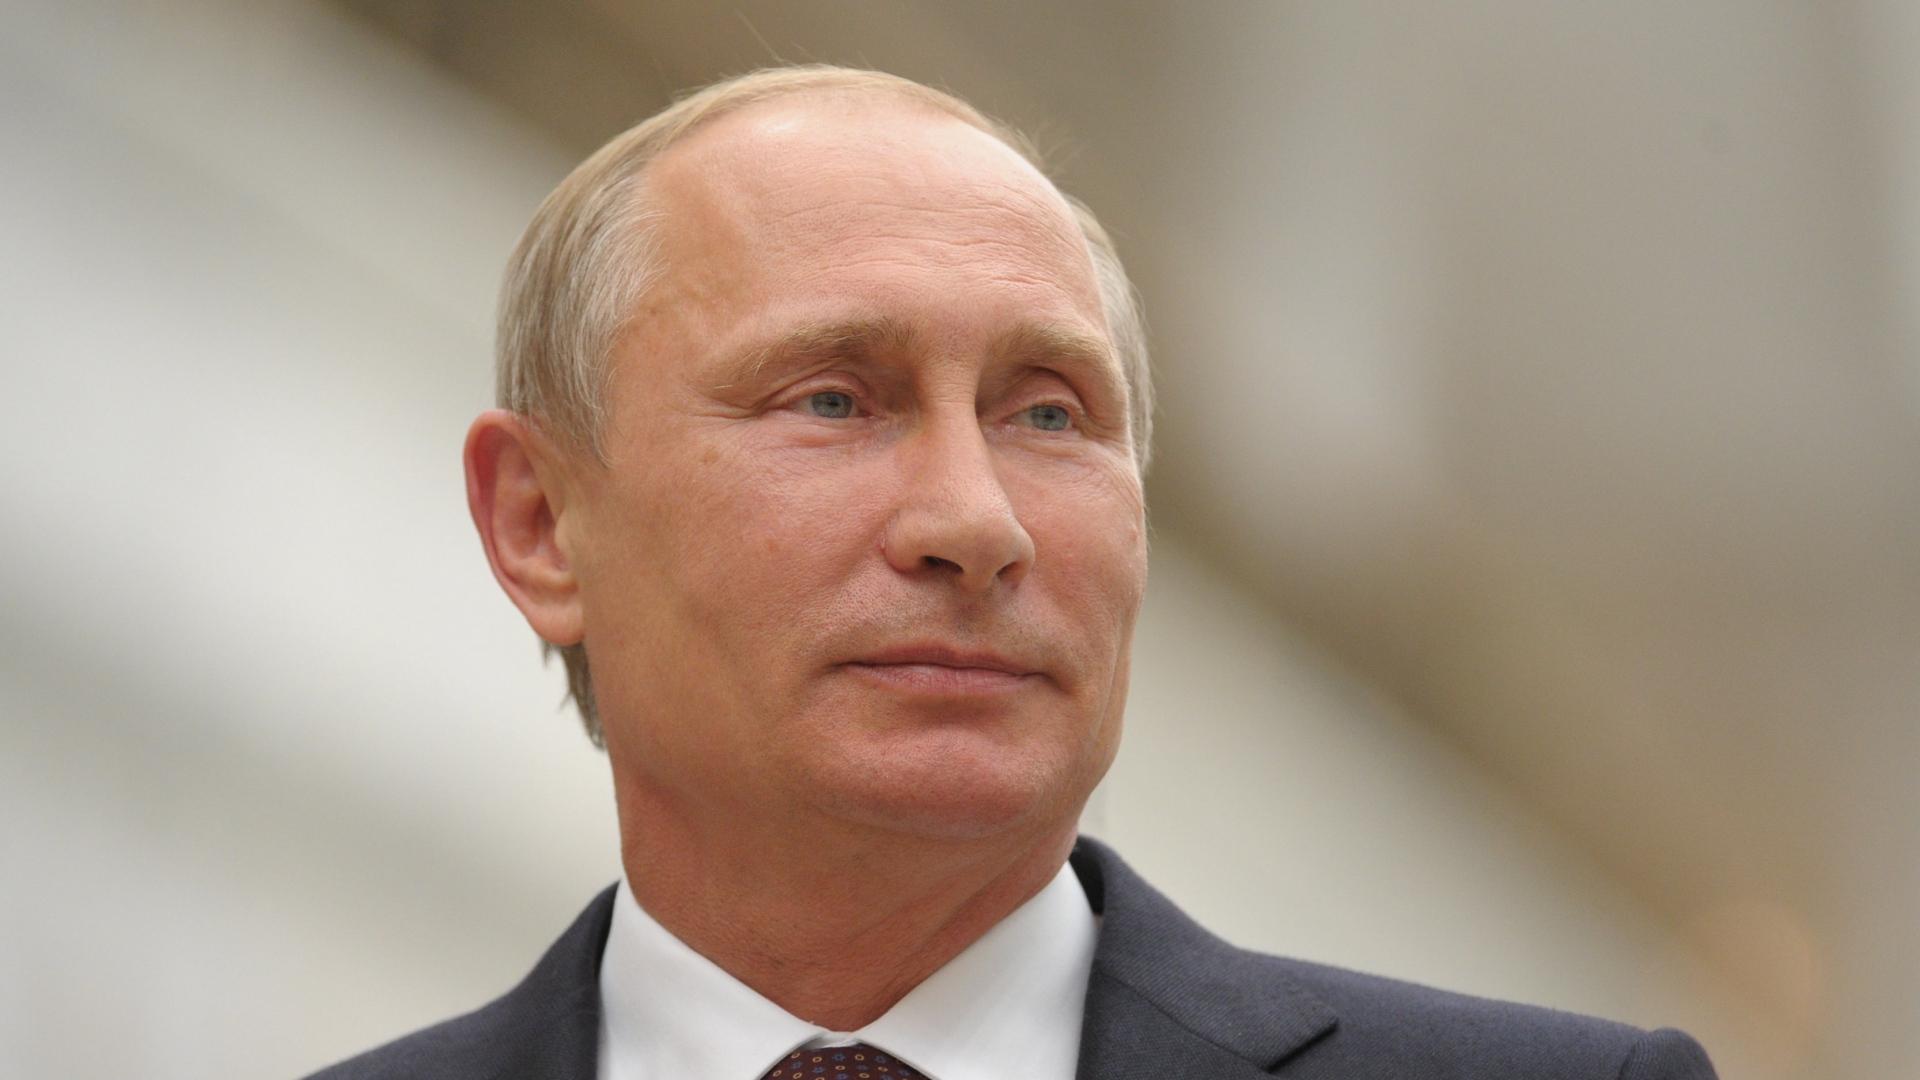 بوتين: ملف القرم مغلق إلى الأبد وسنرد على الدرع الأمريكية